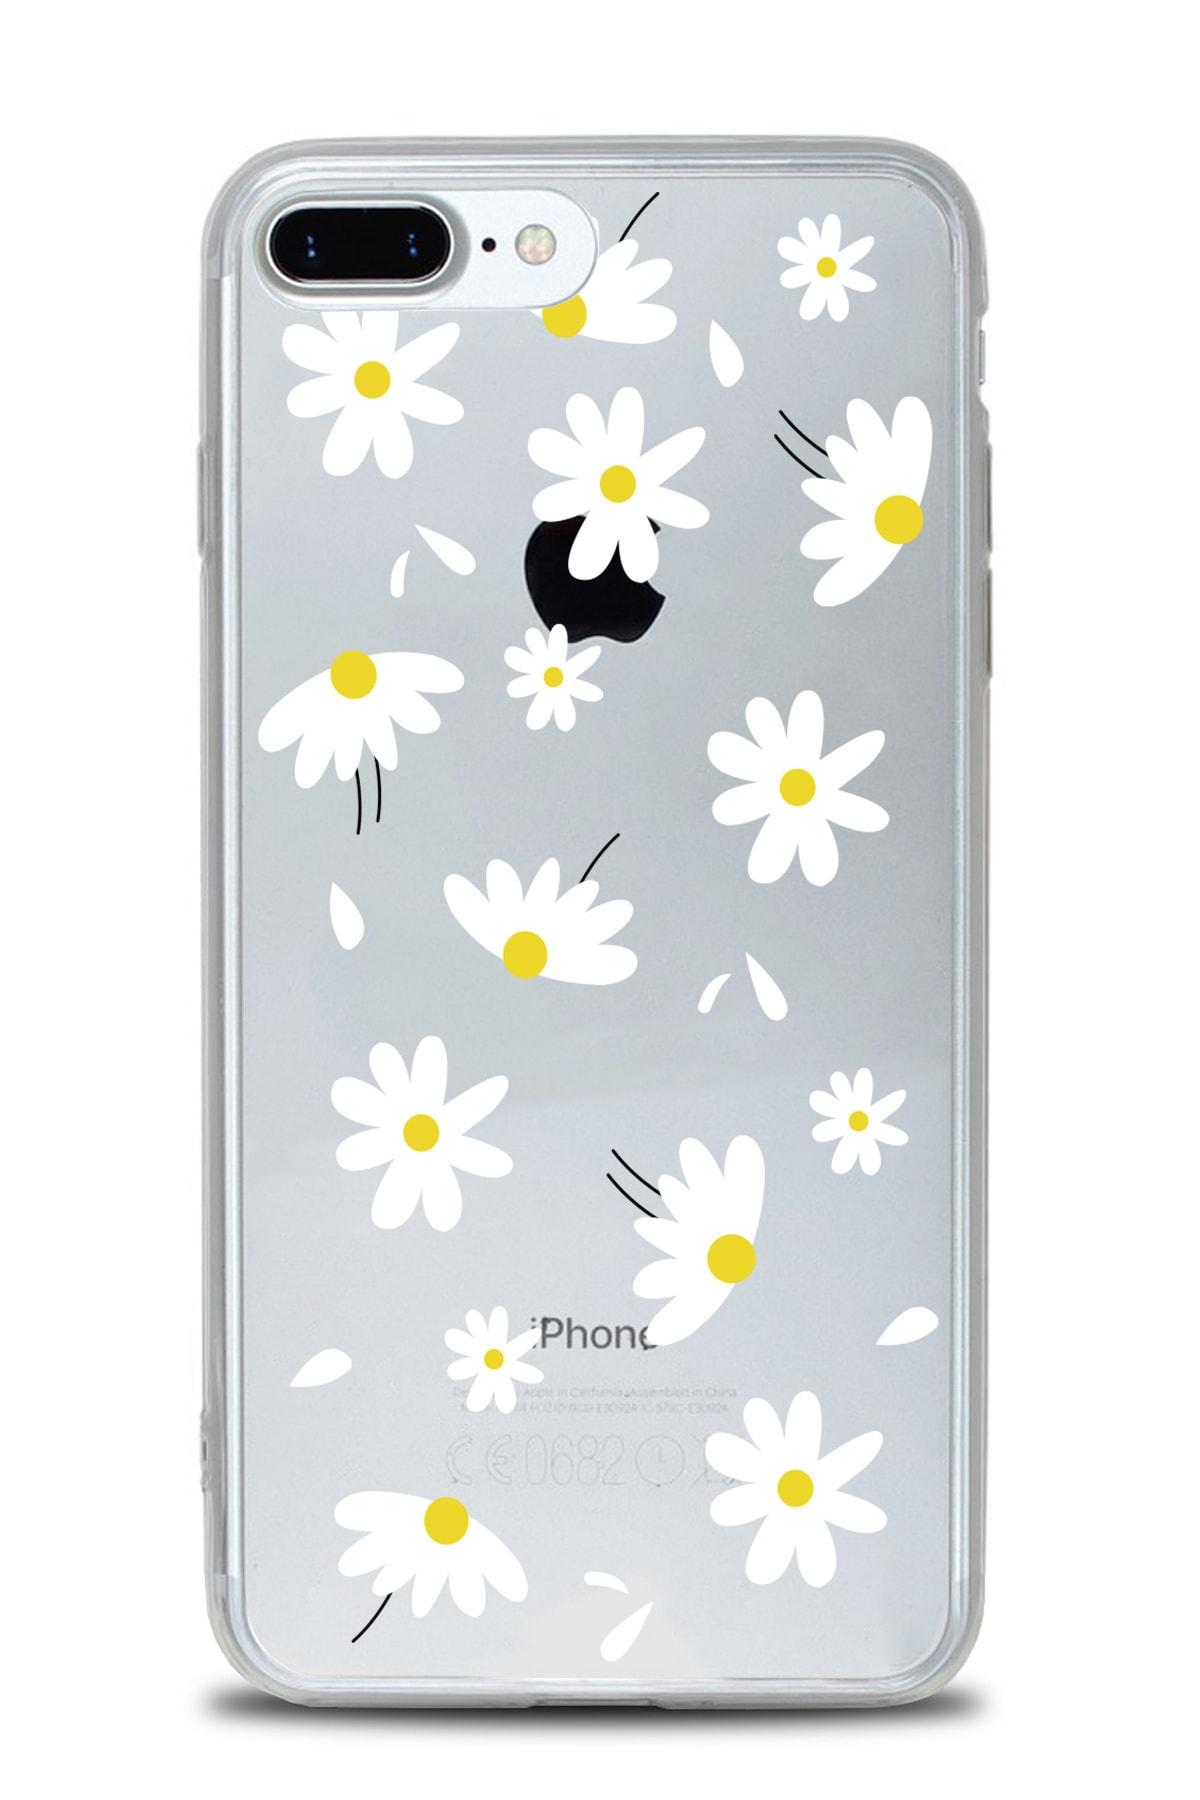 AksesuarLab Iphone 8 Plus Kılıf Desenli - Şeffaf Silikon Kılıf (ÇİÇEK TASARIM) 1